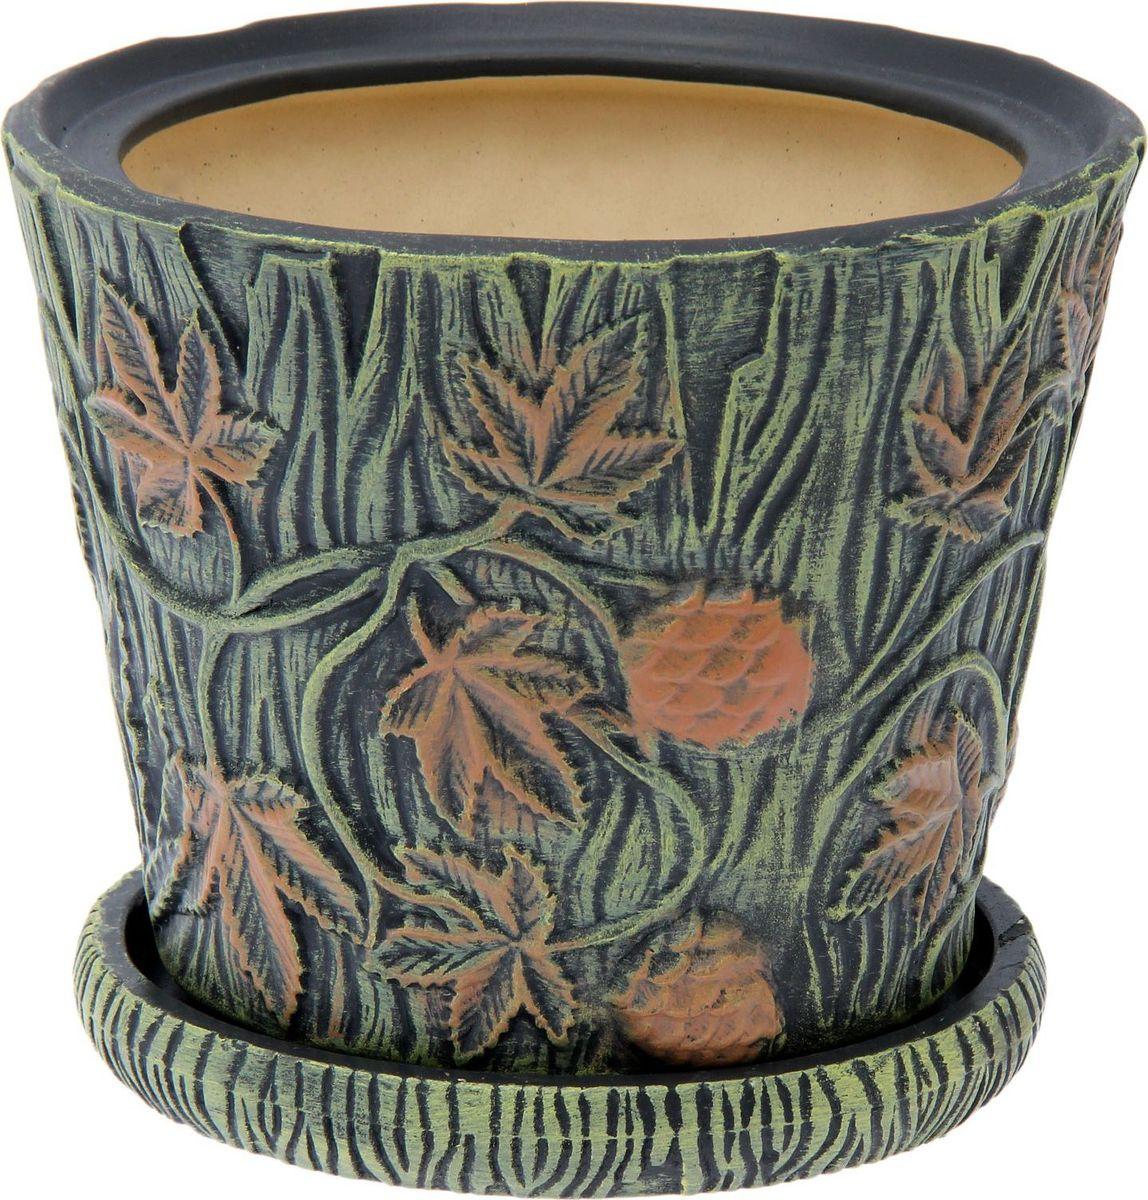 Кашпо Керамика ручной работы Хмель, цвет: зеленый, 3 л1516295Комнатные растения — всеобщие любимцы. Они радуют глаз, насыщают помещение кислородом и украшают пространство. Каждому из них необходим свой удобный и красивый дом. Кашпо из керамики прекрасно подходят для высадки растений: за счет пластичности глины и разных способов обработки существует великое множество форм и дизайнов пористый материал позволяет испаряться лишней влаге воздух, необходимый для дыхания корней, проникает сквозь керамические стенки! позаботится о зеленом питомце, освежит интерьер и подчеркнет его стиль.